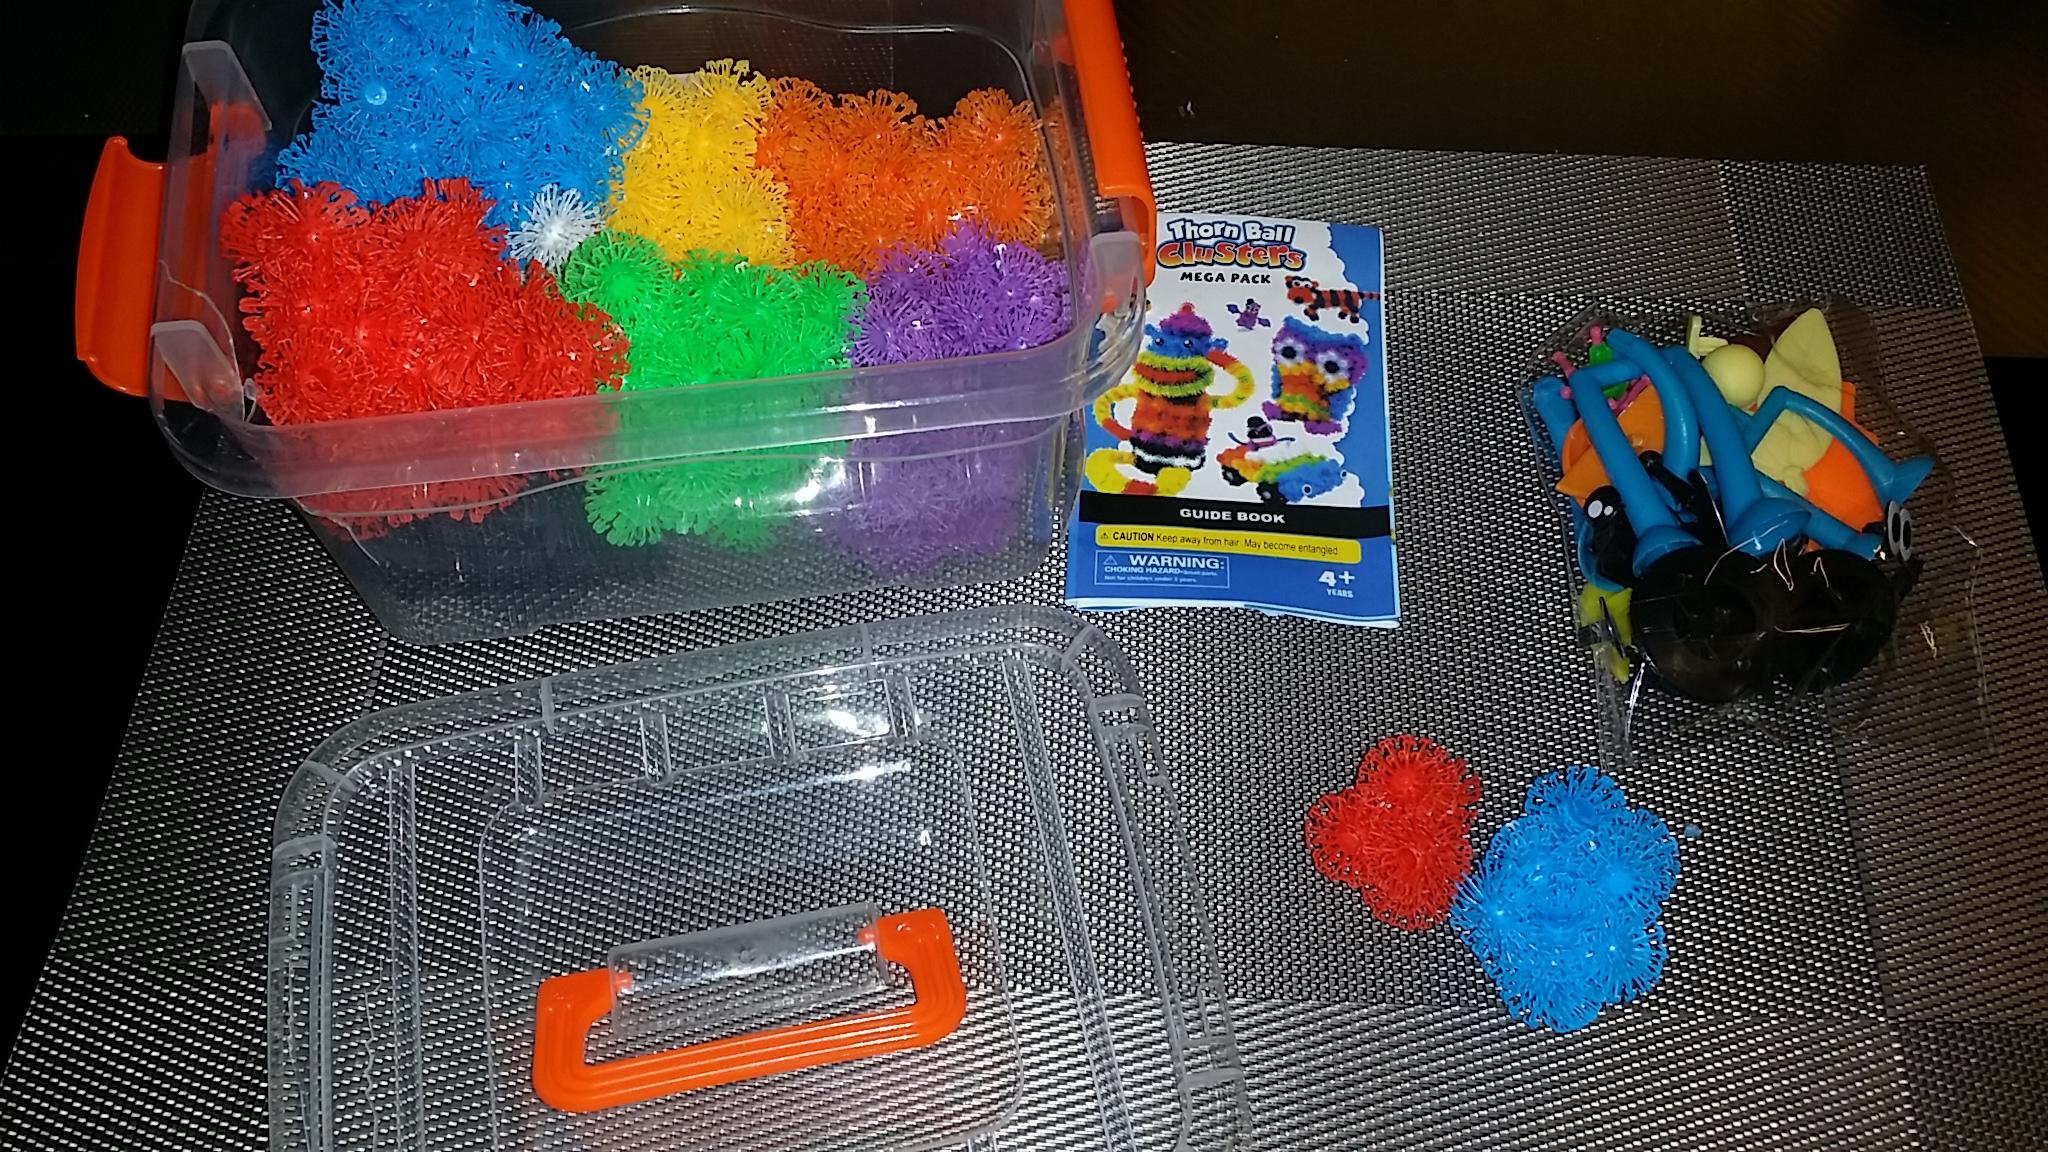 Ein Spielzeug, mit dem Kinder ihre Phantasie ausleben können.